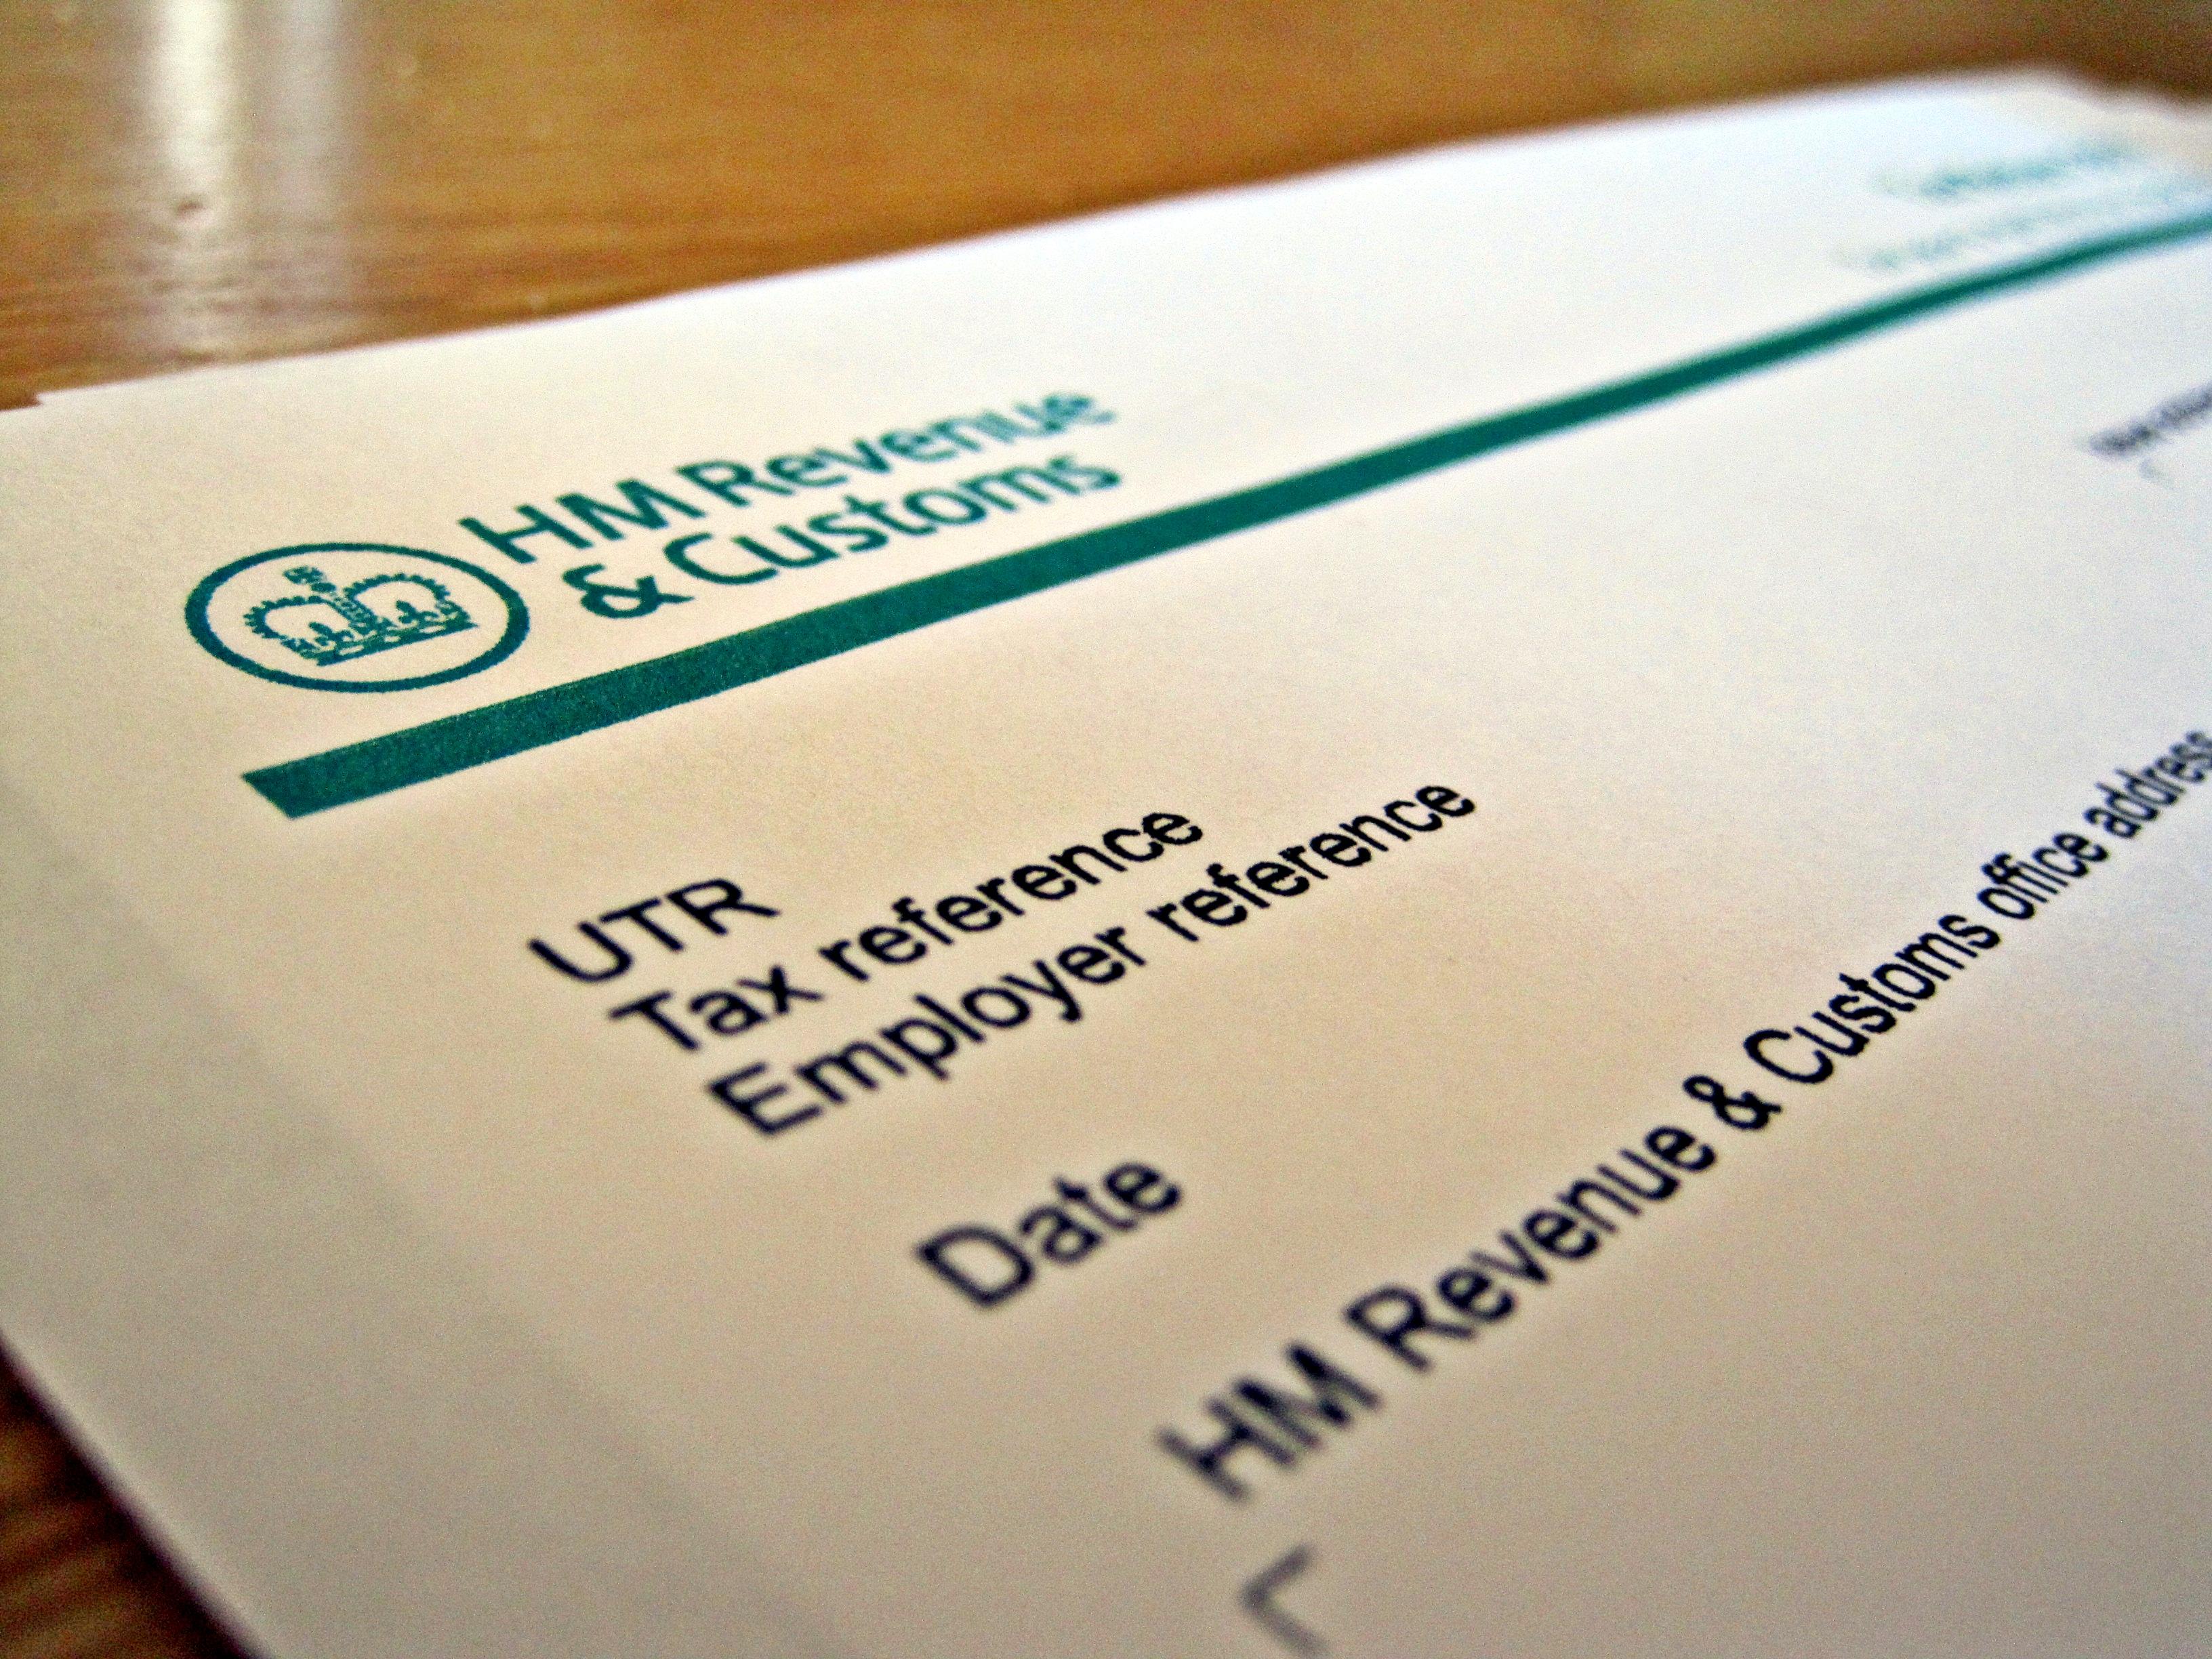 hmrc_self_assessment_tax_return-1